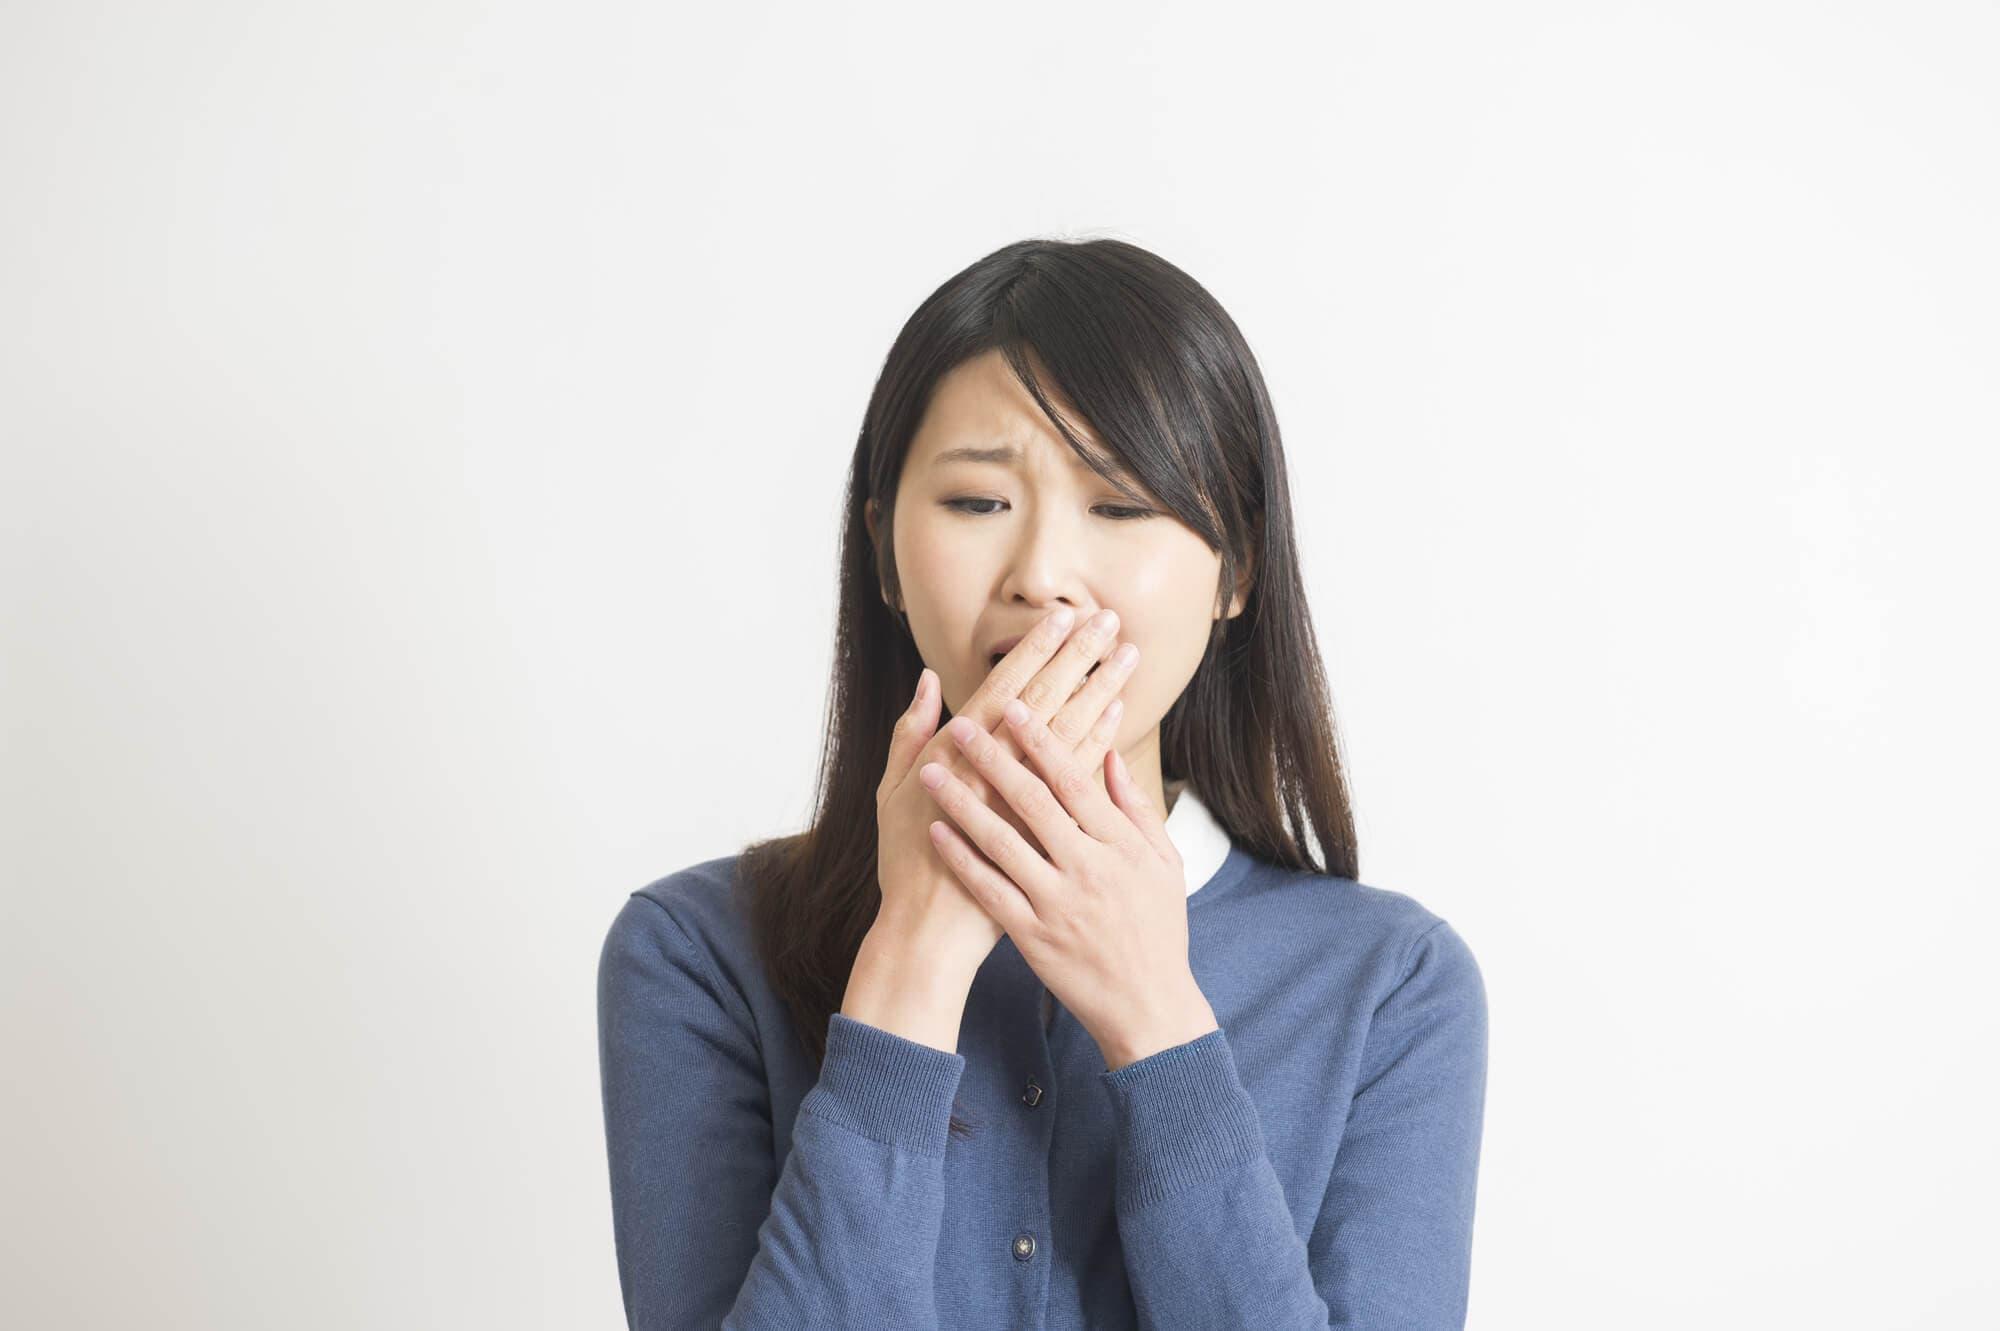 妊娠後期の吐き気はなぜ起きる?原因と対策